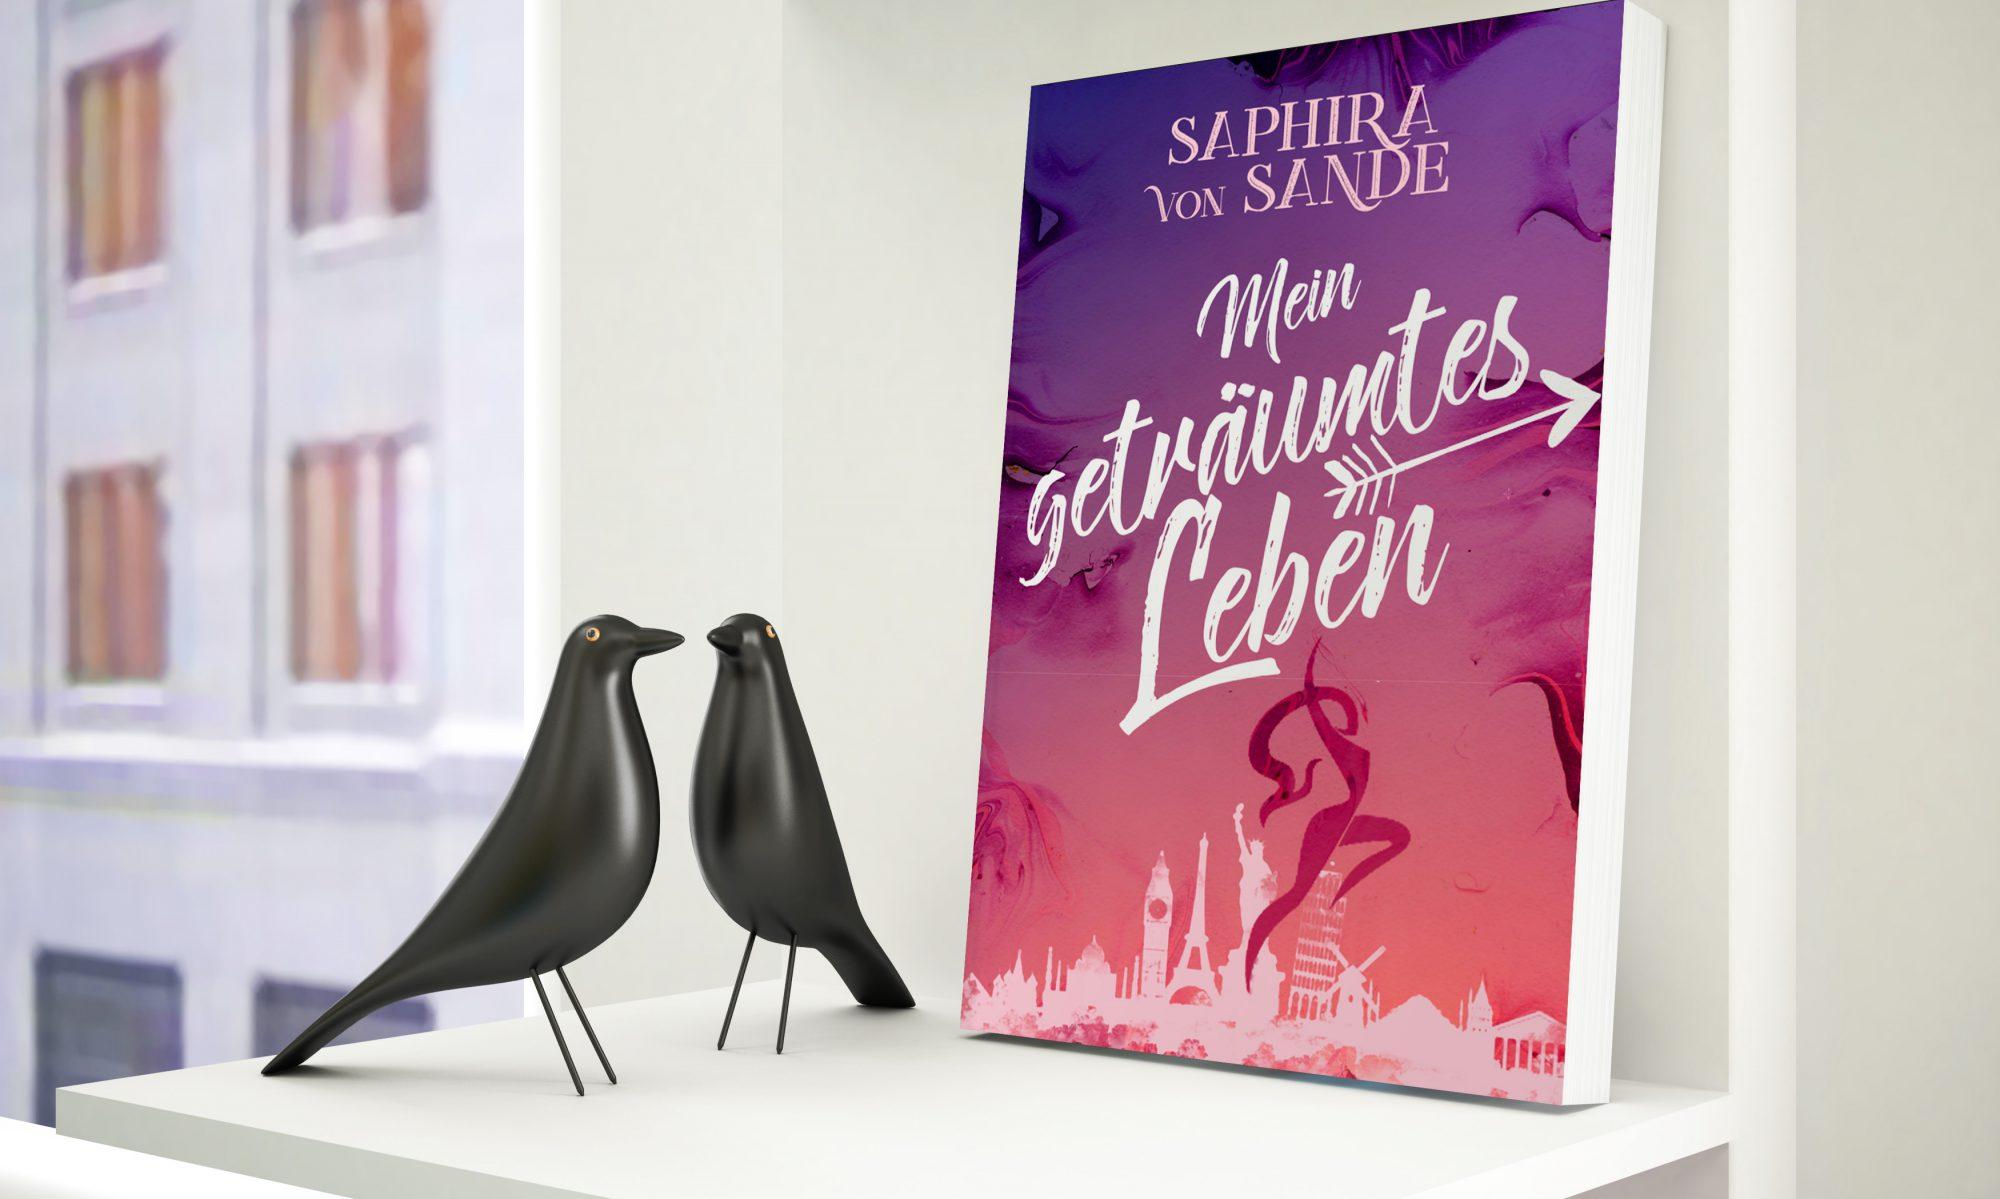 Saphira von Sande